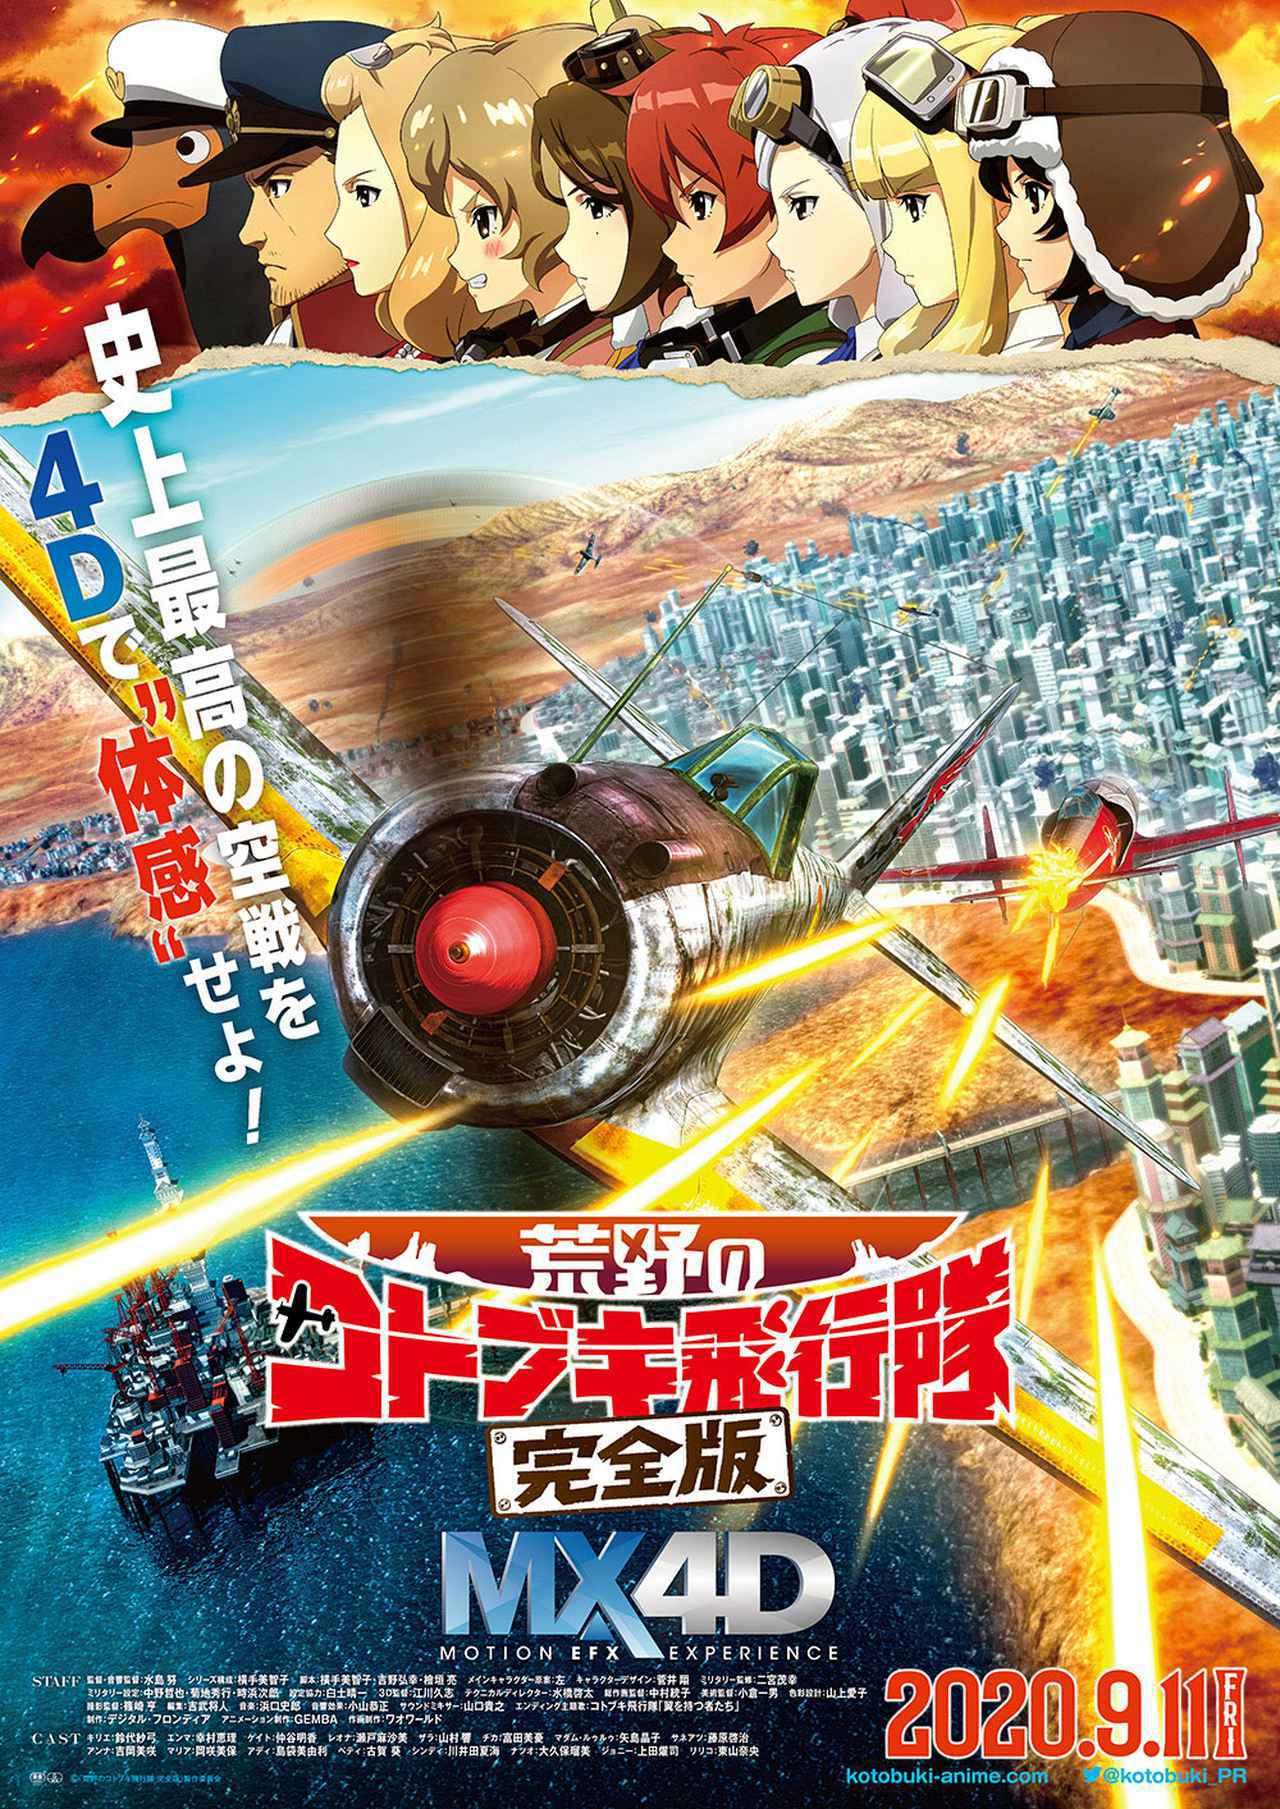 画像2: 映画『荒野のコトブキ飛行隊 完全版』、MX4D版最速上映会舞台挨拶開催! 水島努監督は「観終わった後は、朝から晩までとしまえんでアトラクションに乗り続けたくらいフワフワします」